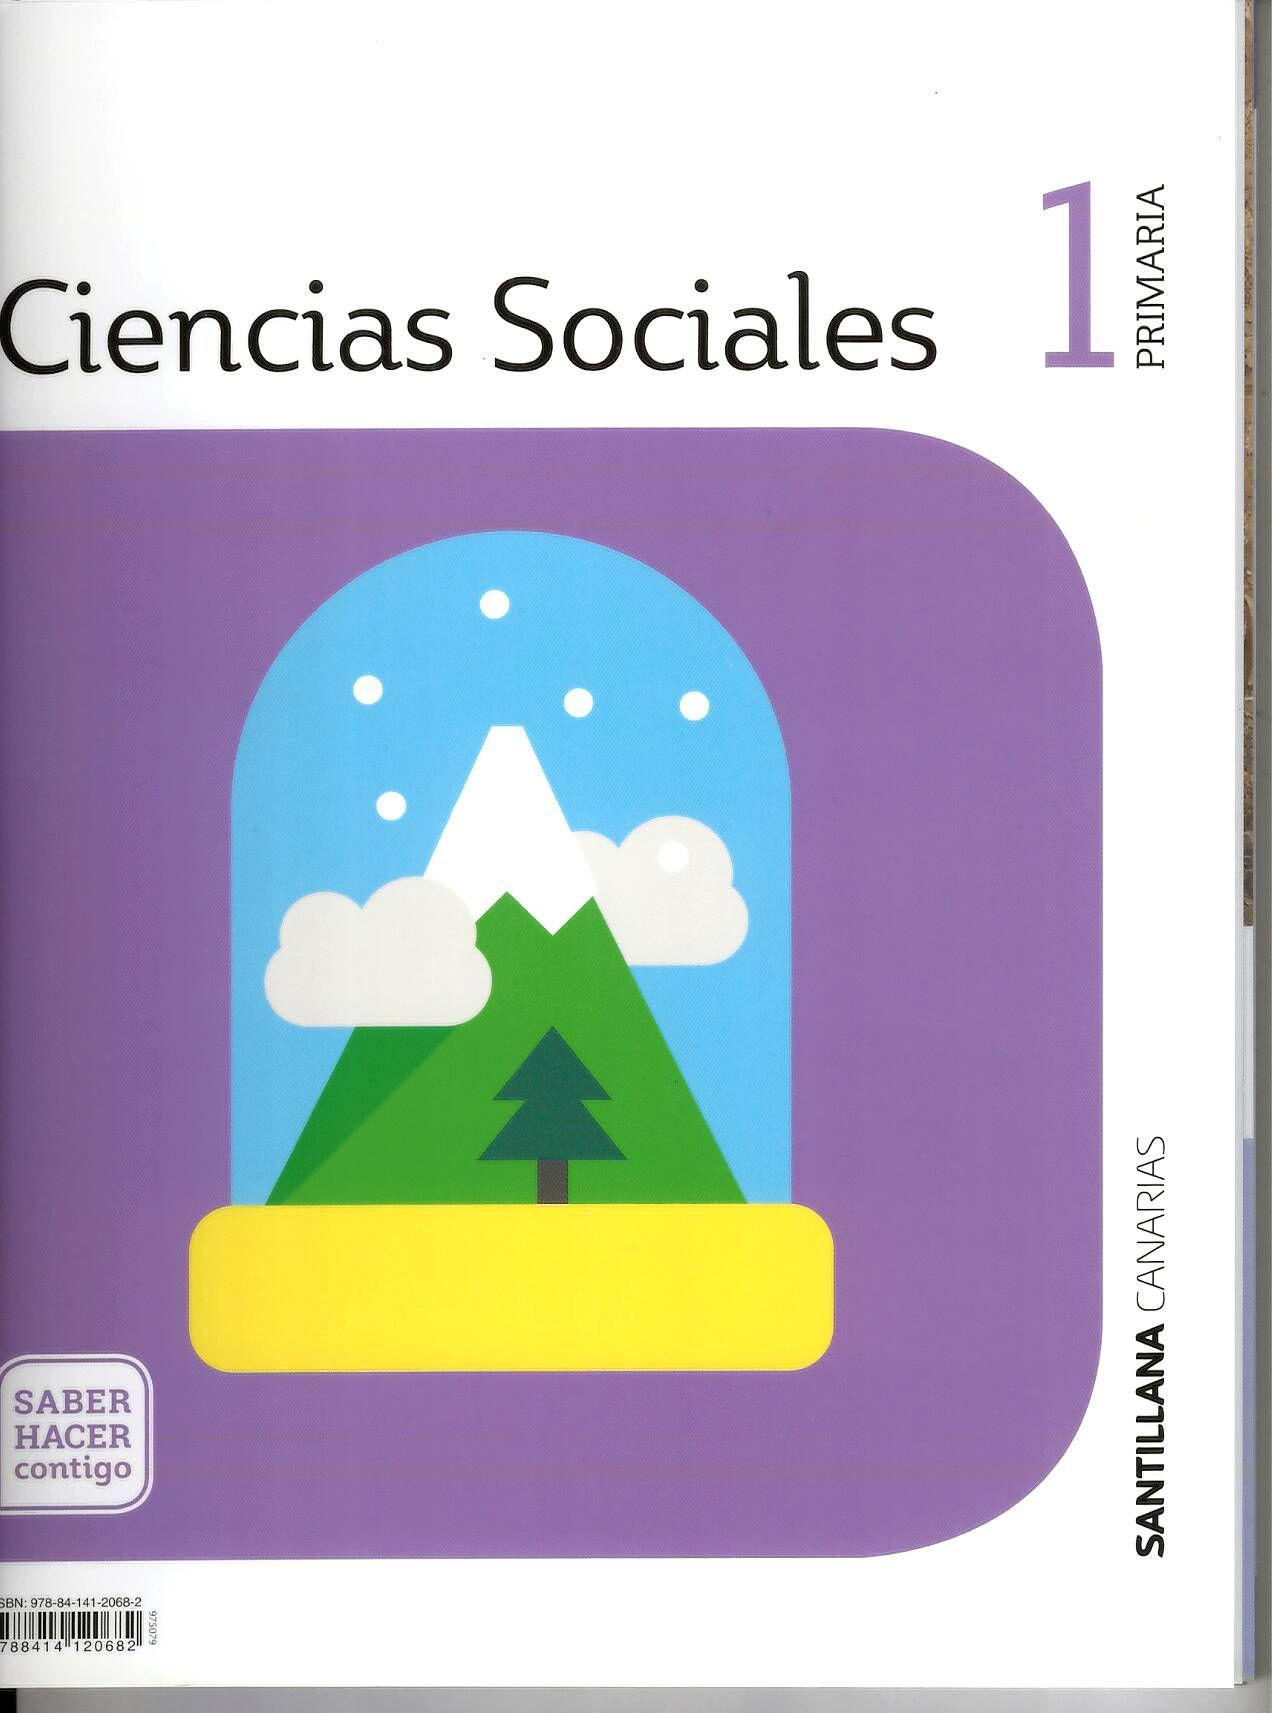 Ciencias Sociales 1 Primaria Proyecto Saber Hacer Contigo En Su Elaboración Ha Participado El Siguiente Equipo Texto Ciencias Sociales Socialismo Ciencia